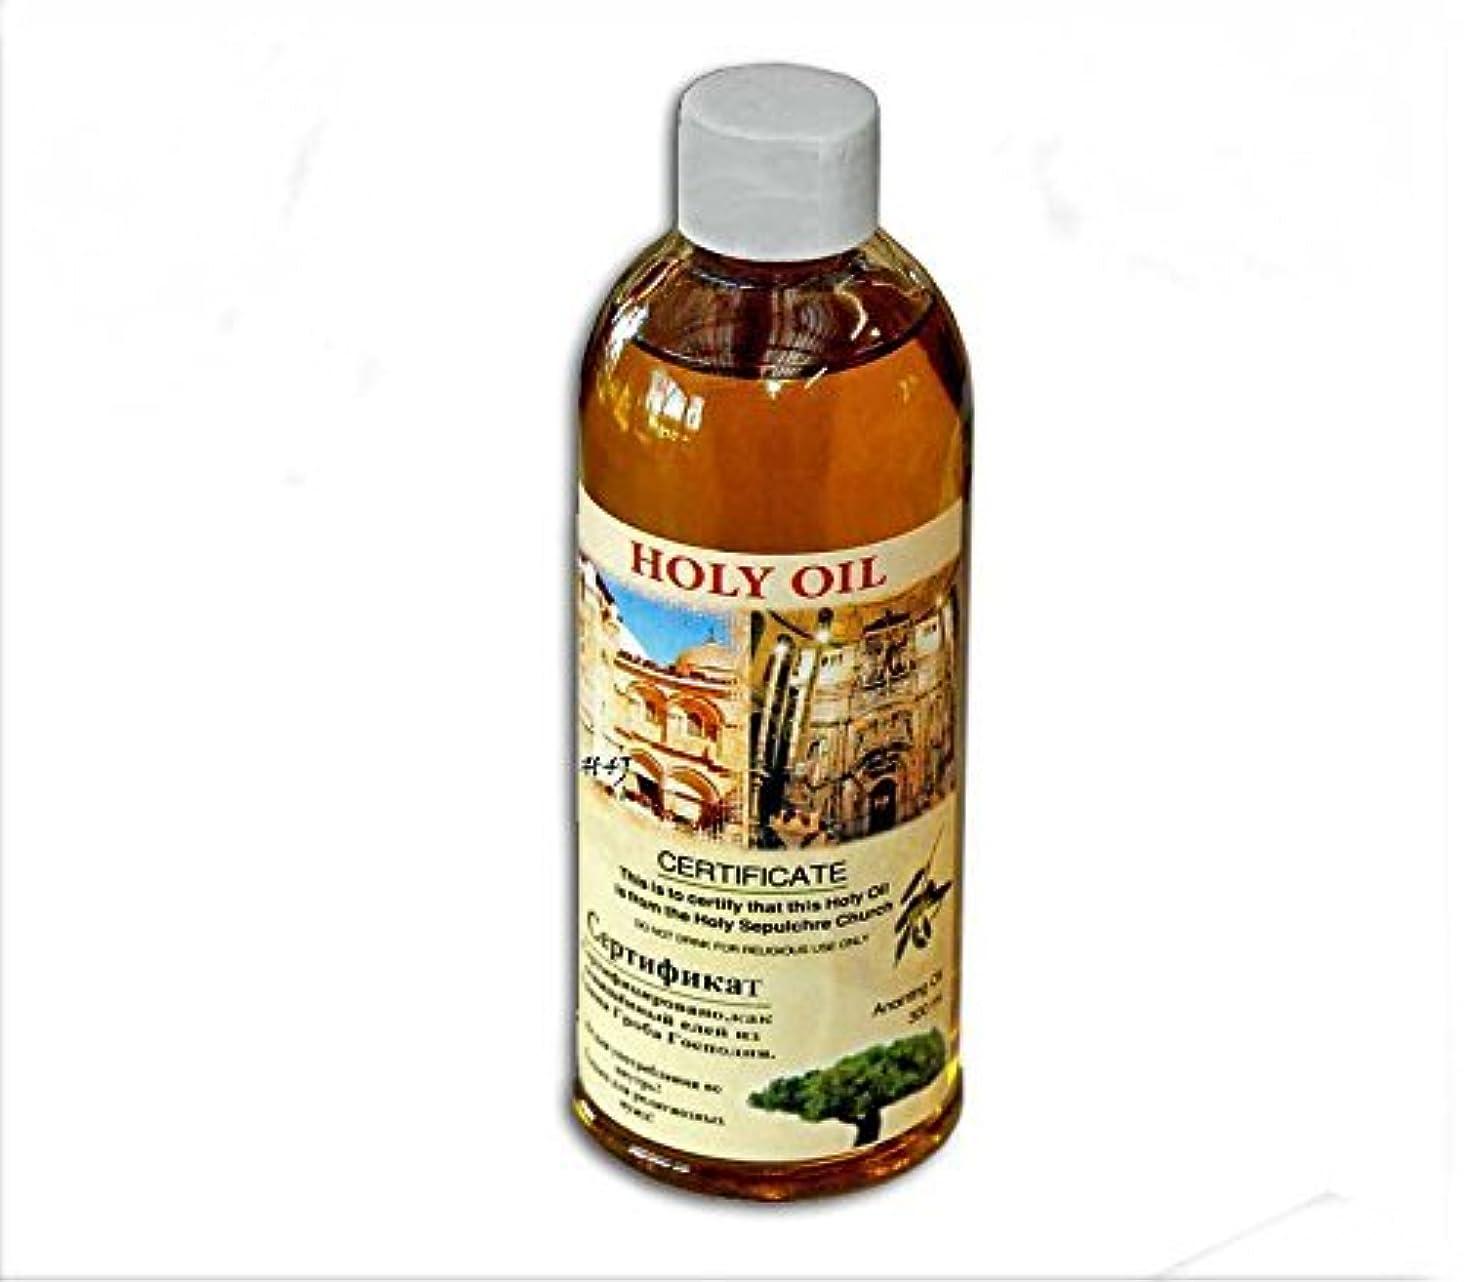 ランデブー高原証人60 ml Holy Land AnointingオイルCertificated Blessed小さなボトルからエルサレムbyベツレヘムギフトTM